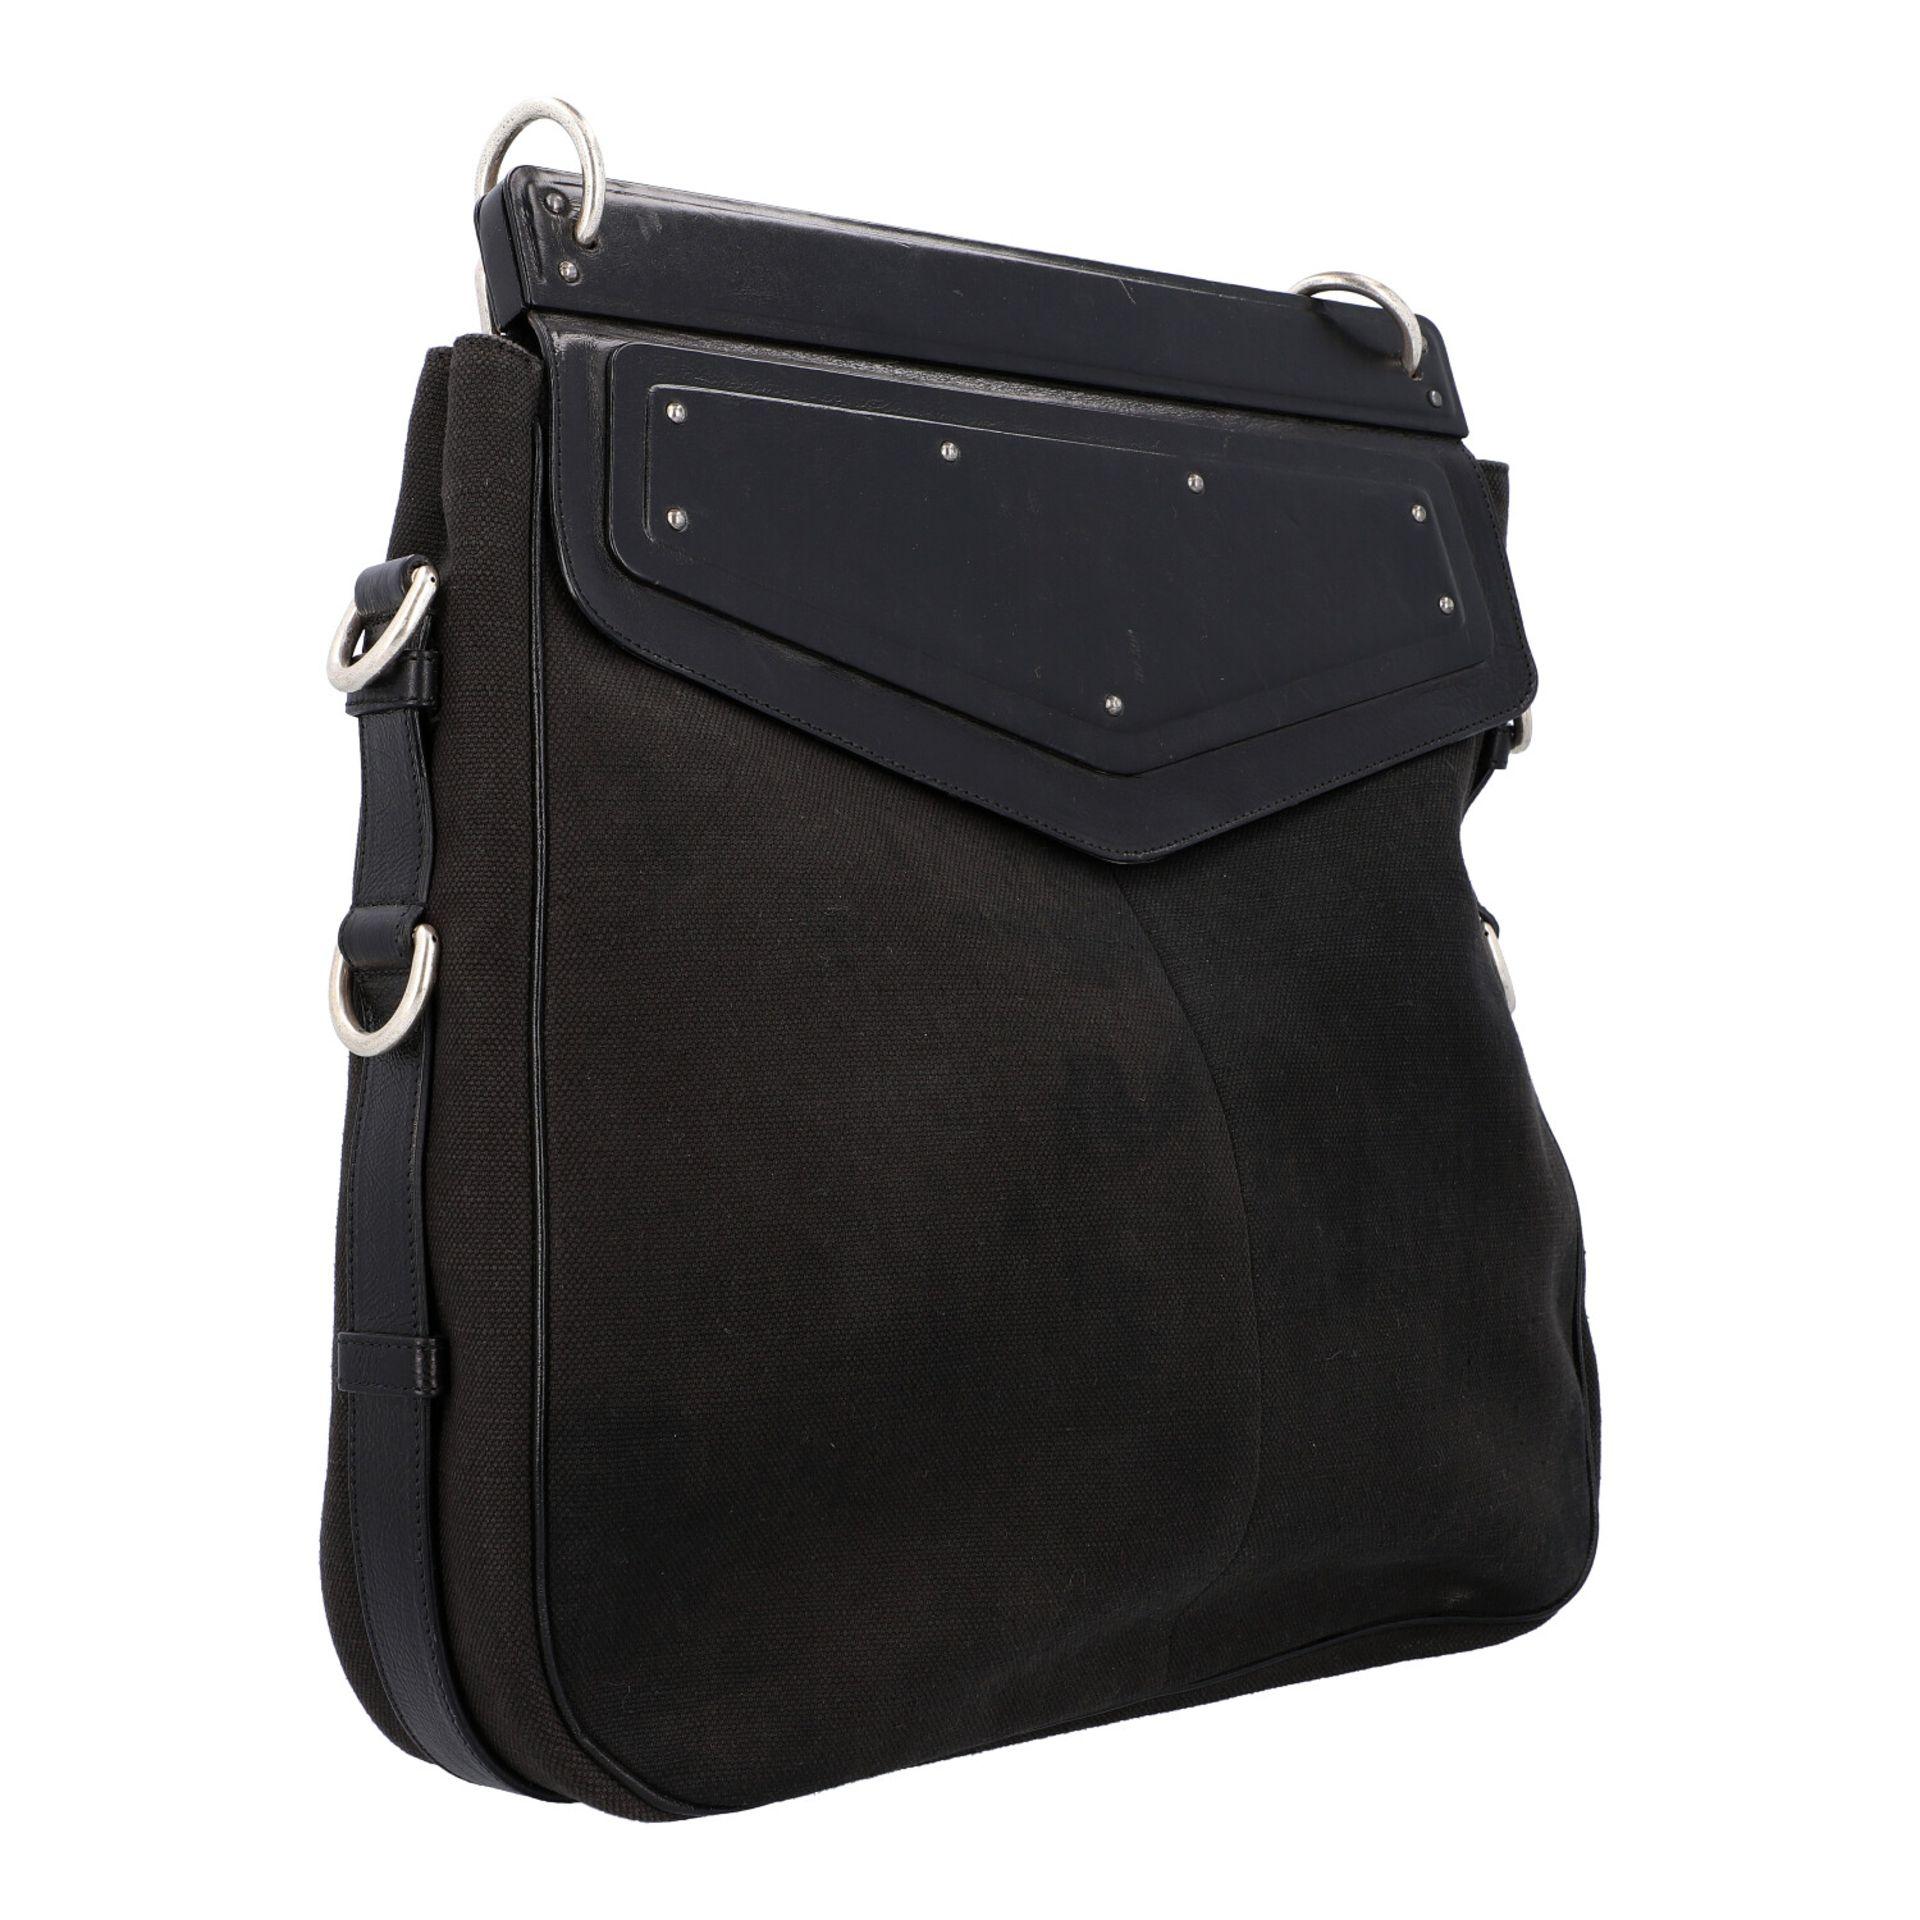 YVES SAINT LAURENT VINTAGE Handtasche. Schwarzes Modell aus Textil mit schwarzem Über - Image 2 of 8